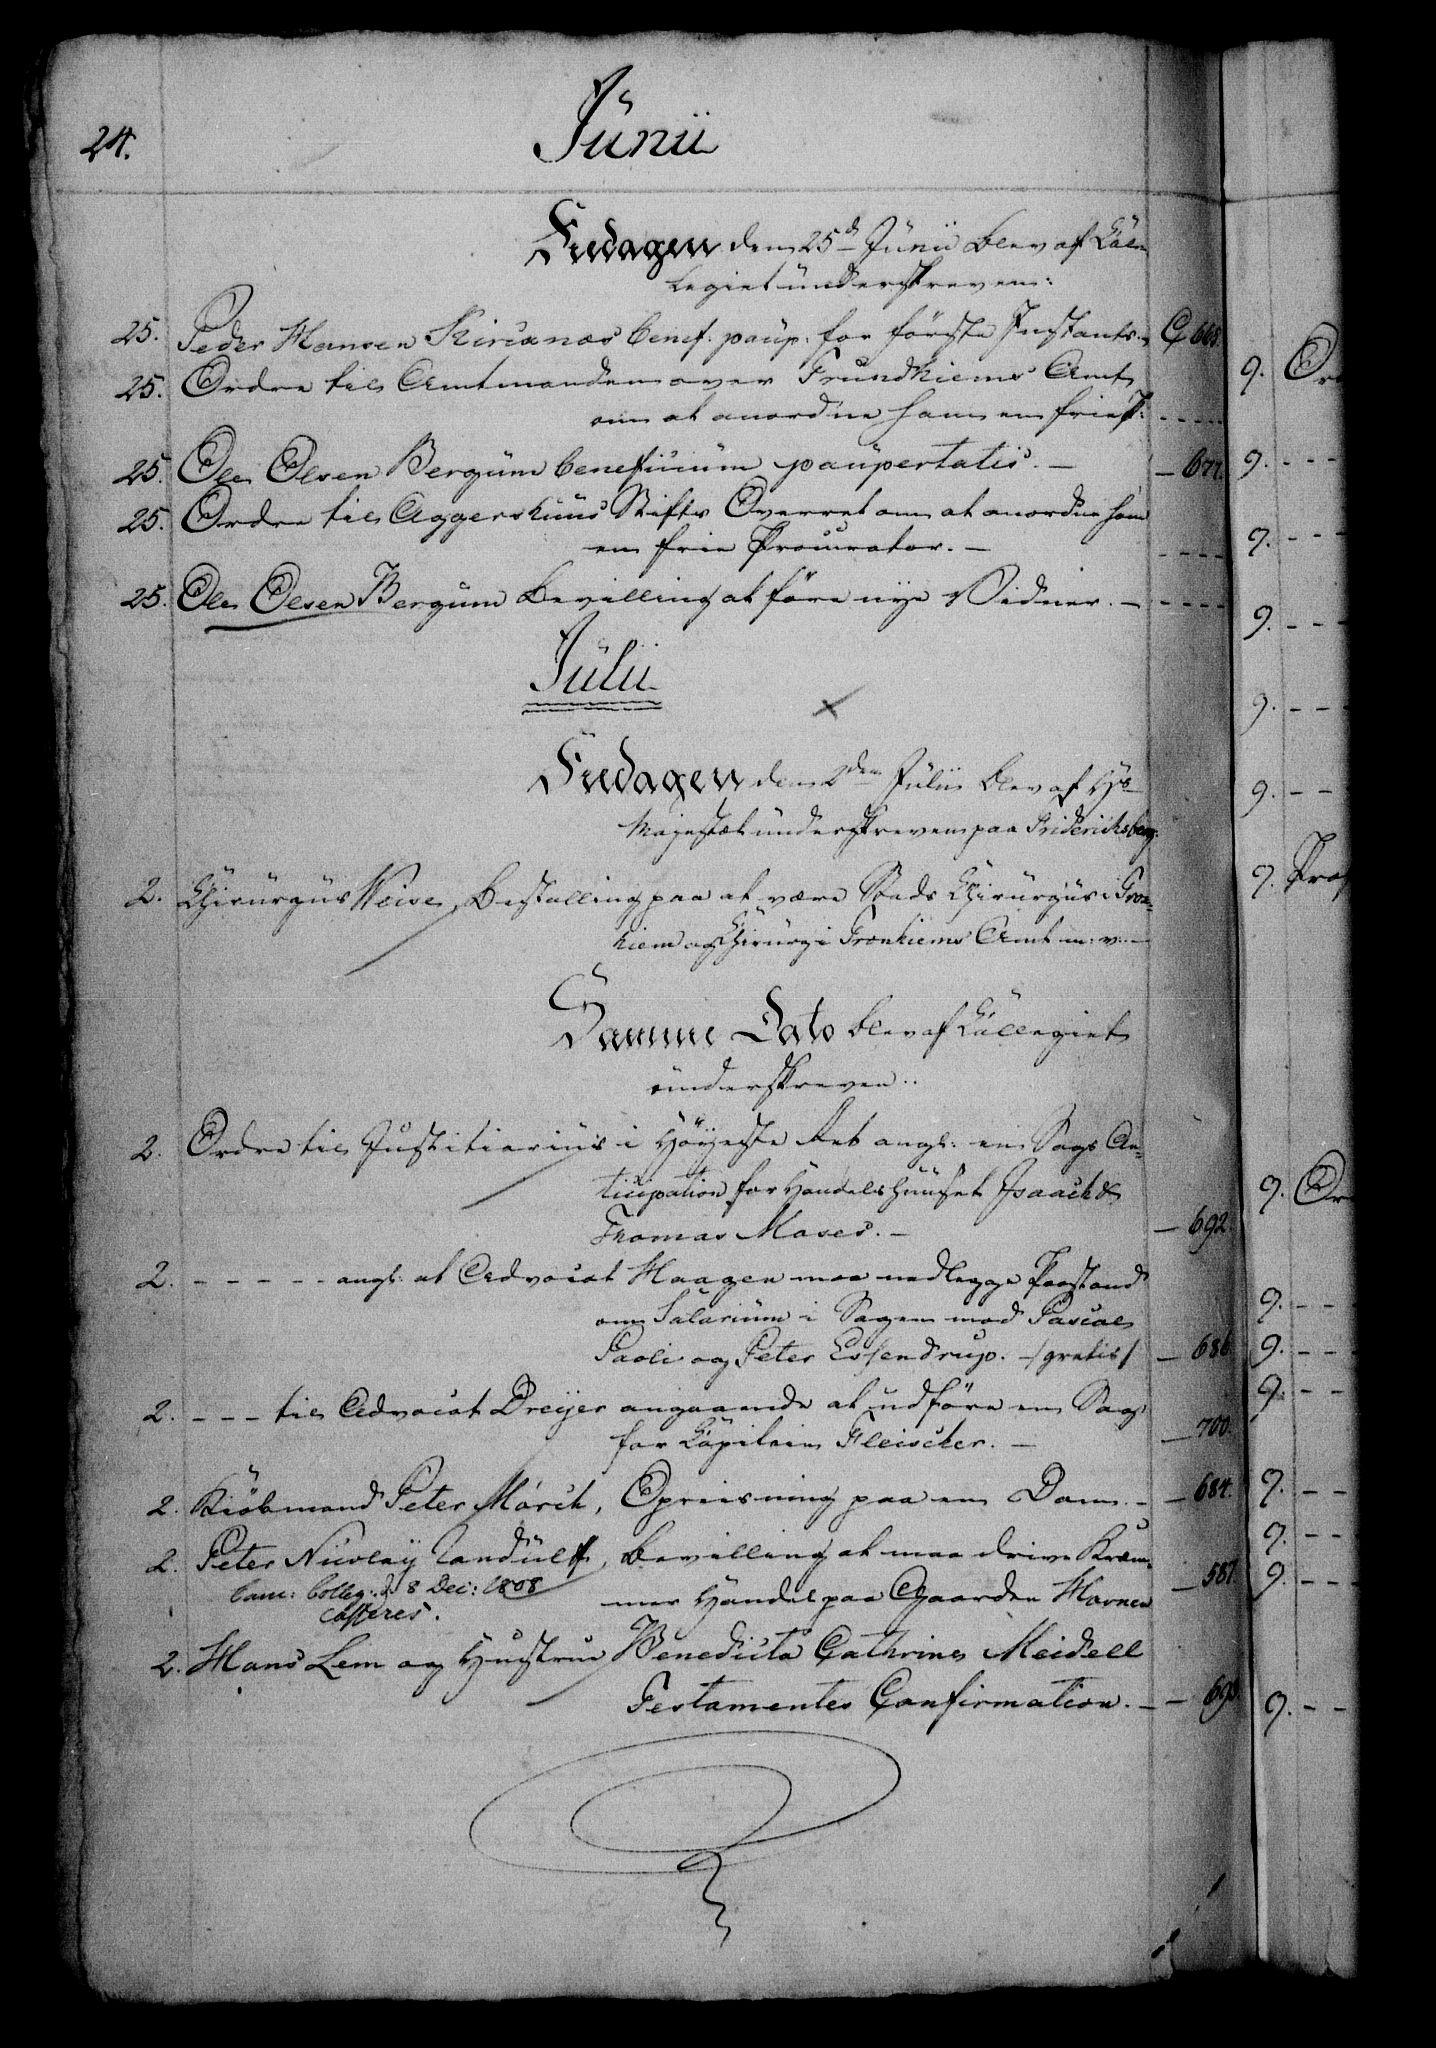 RA, Danske Kanselli 1800-1814, H/Hf/Hfb/Hfbc/L0003: Underskrivelsesbok m. register, 1802, s. 24